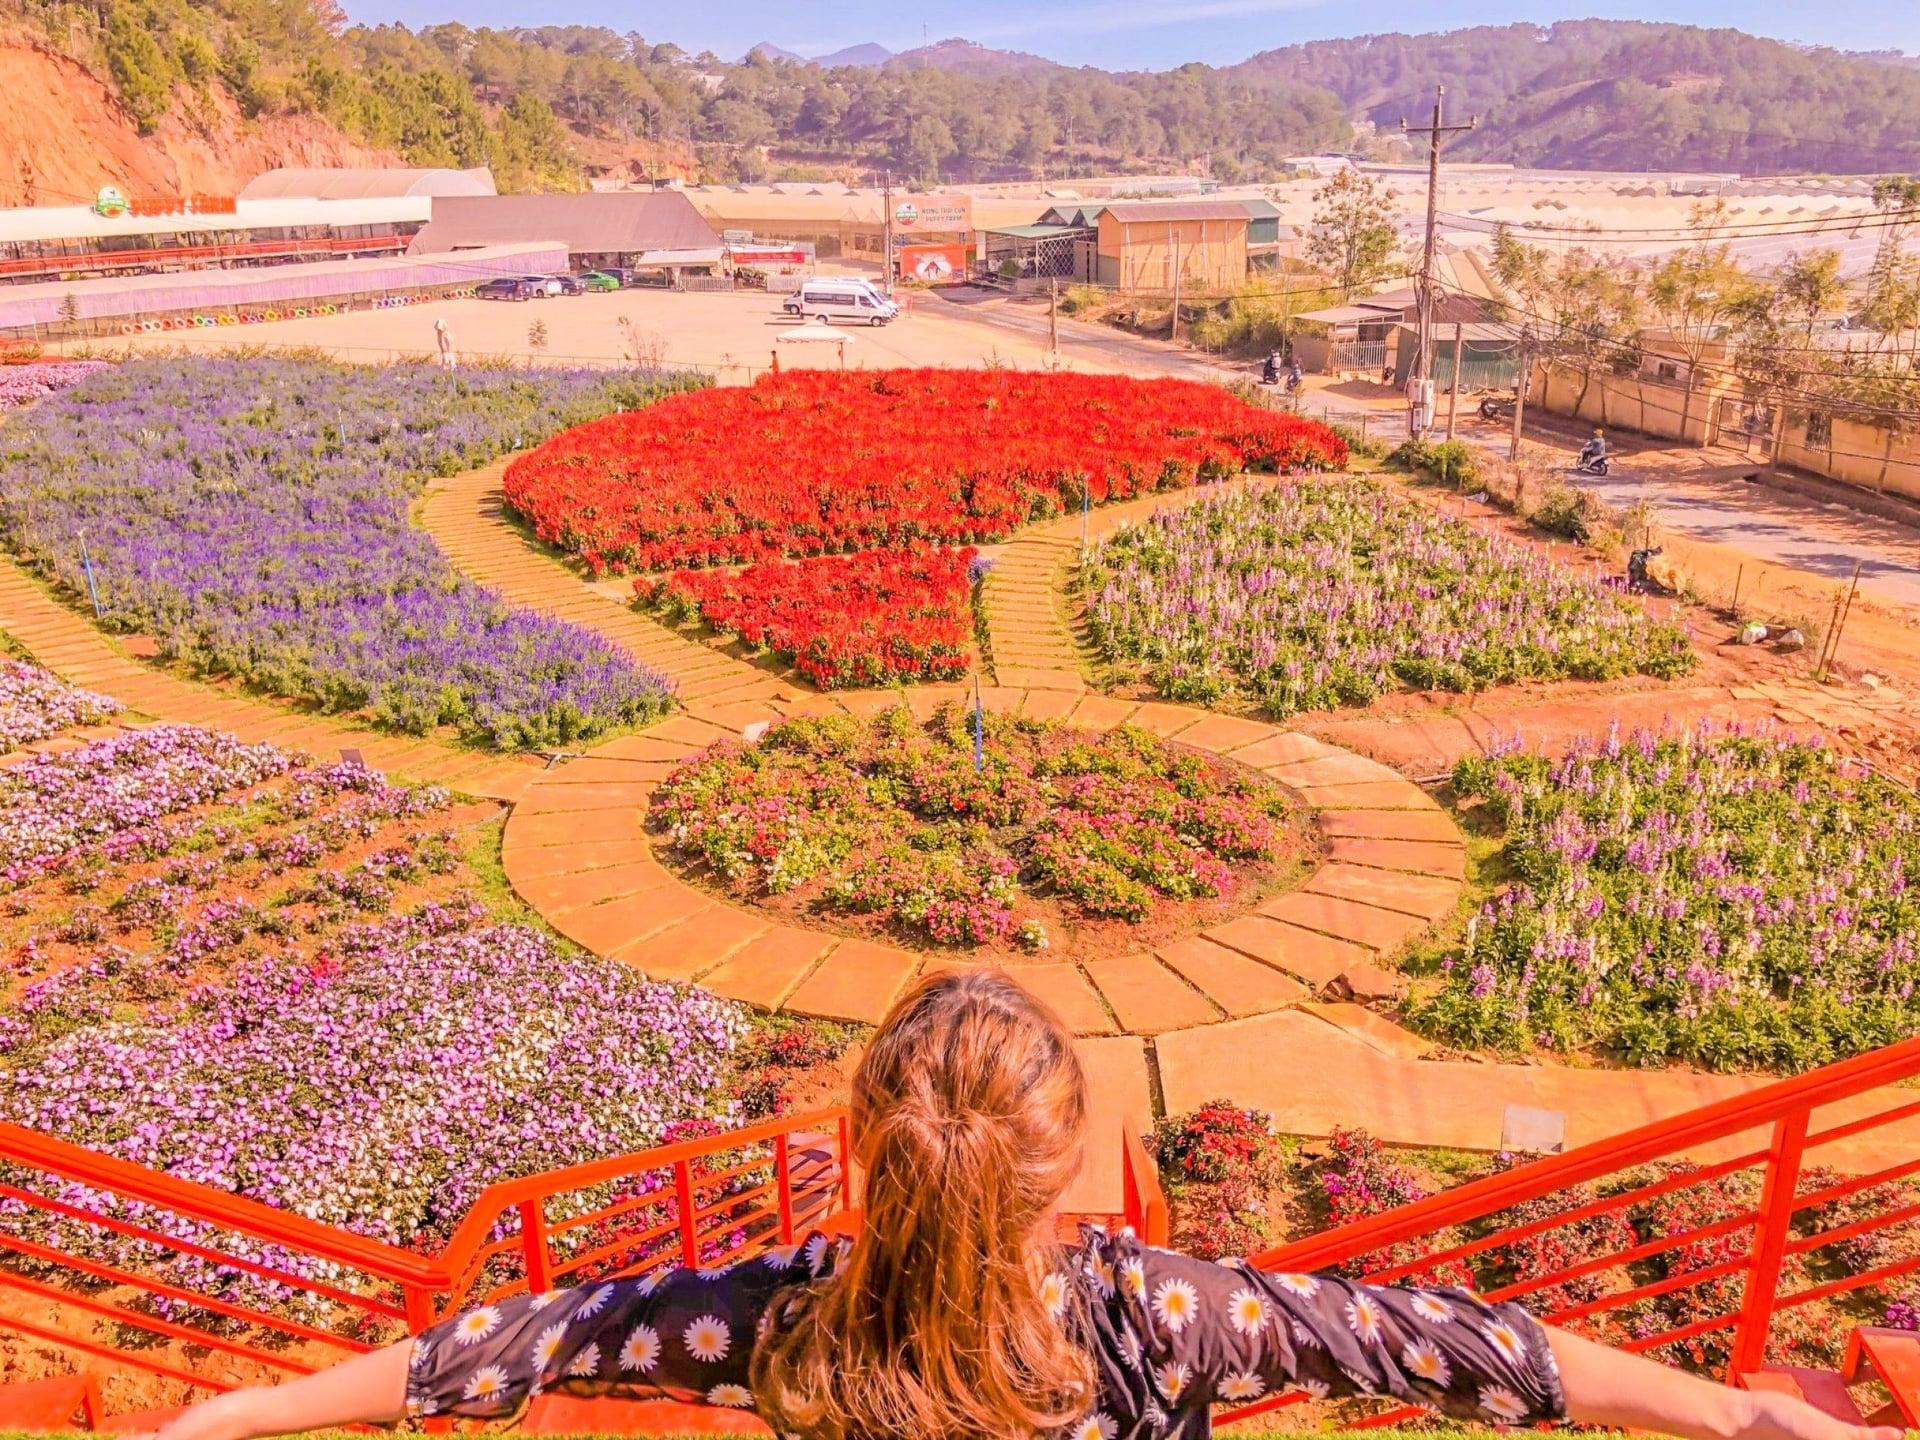 Nông trại còn sở hữu một vườn hoa cực khủng